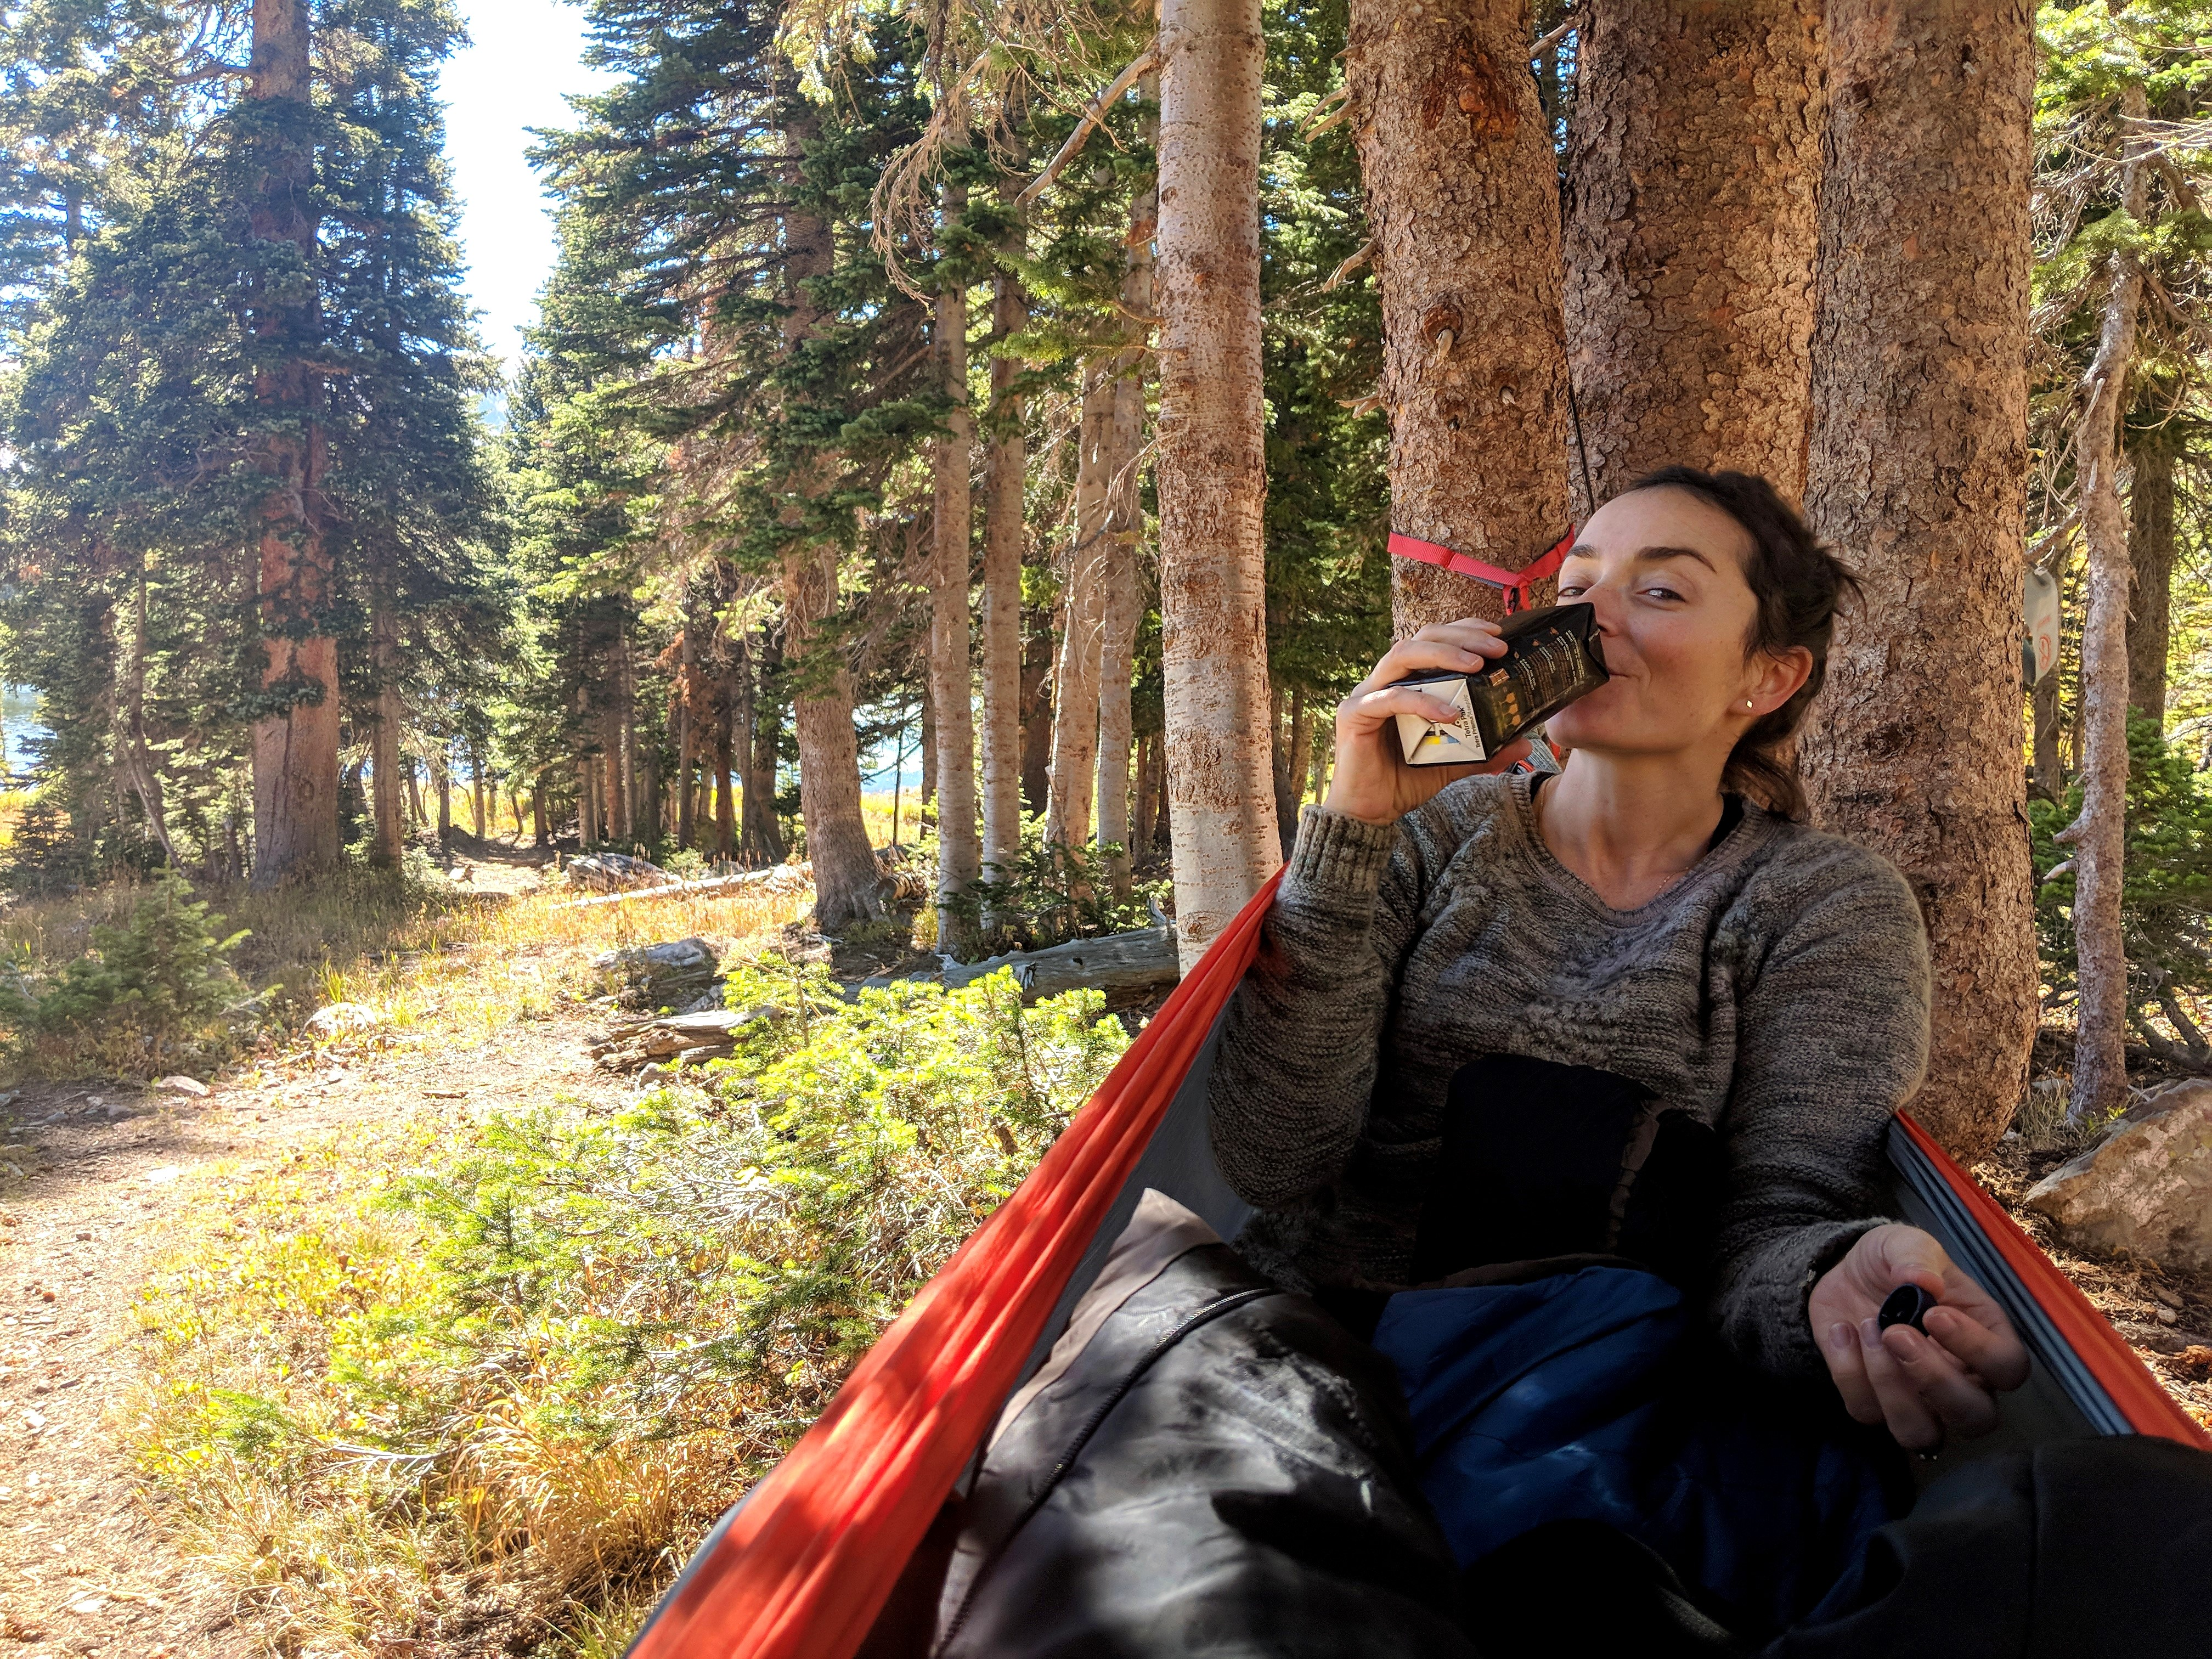 eno hammocks, hammock, backpacking, crater lakes, backpacking treat